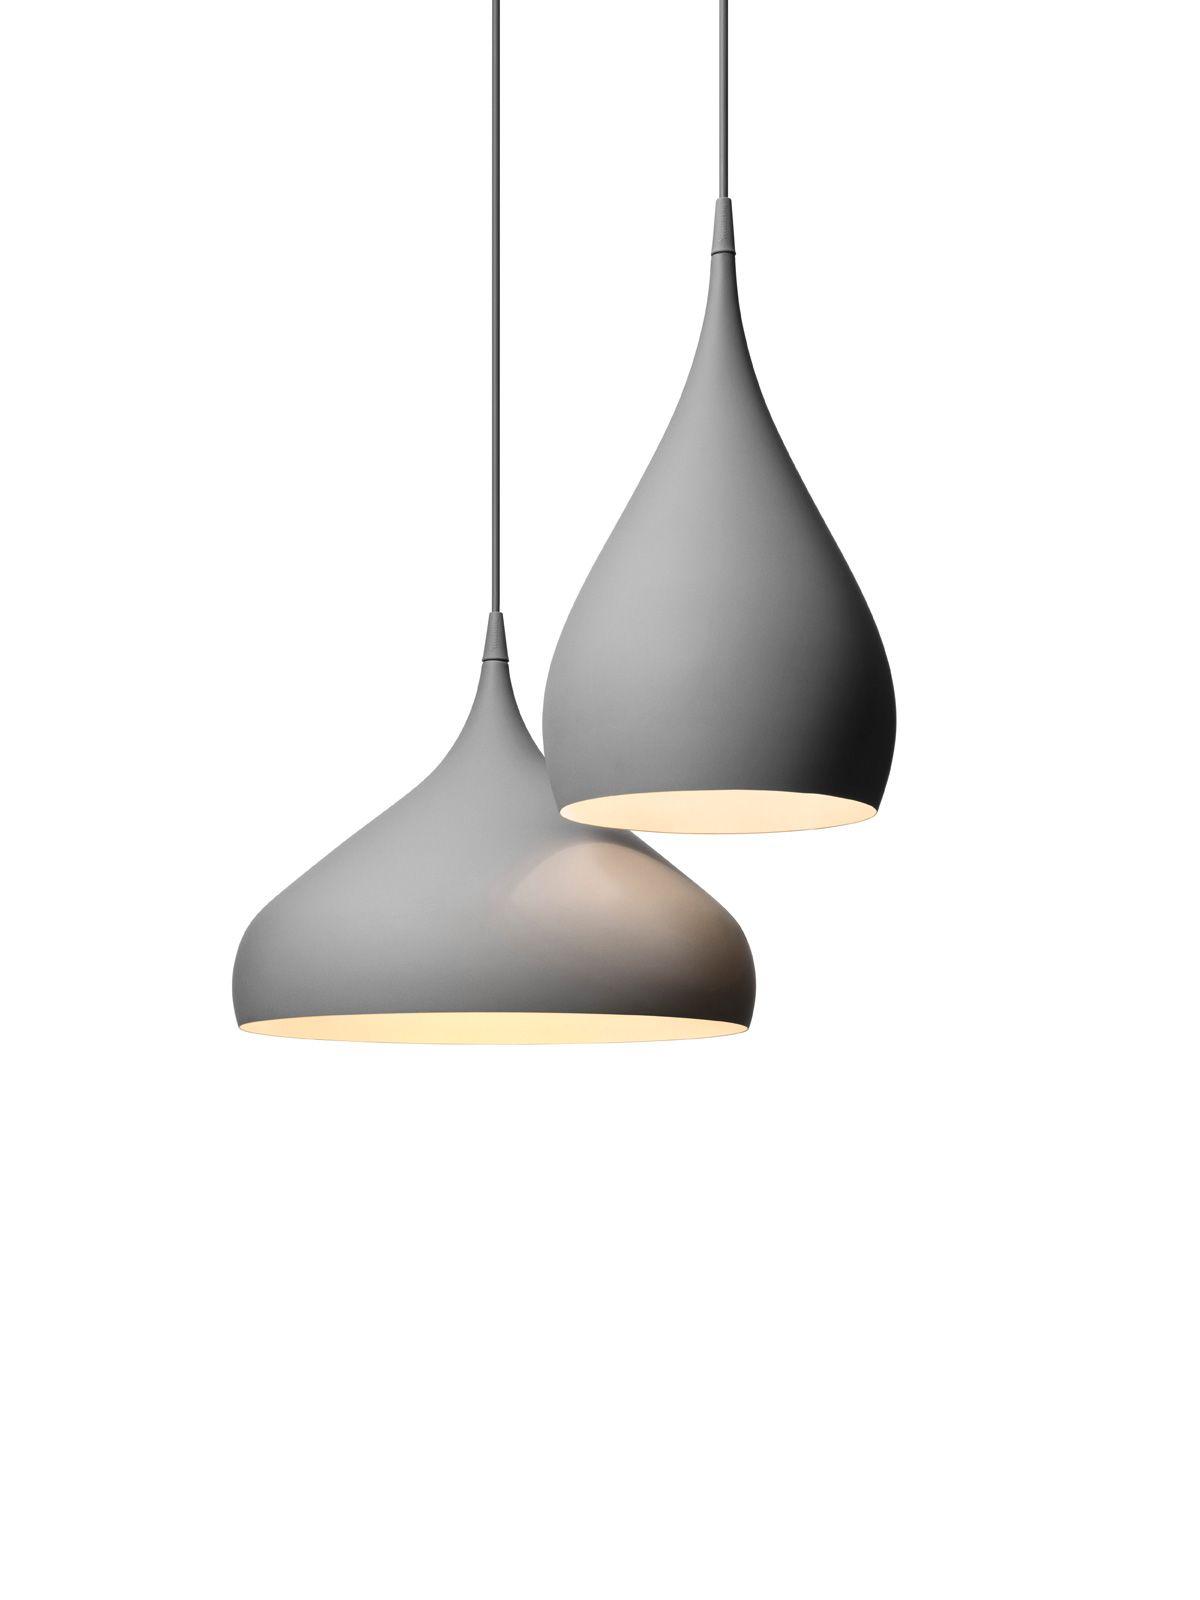 Spinning Bh1 Lampen Leuchten Designerleuchten Berlin Design Licht Lampen Und Leuchten Leuchte Esstisch Esstisch Beleuchtung